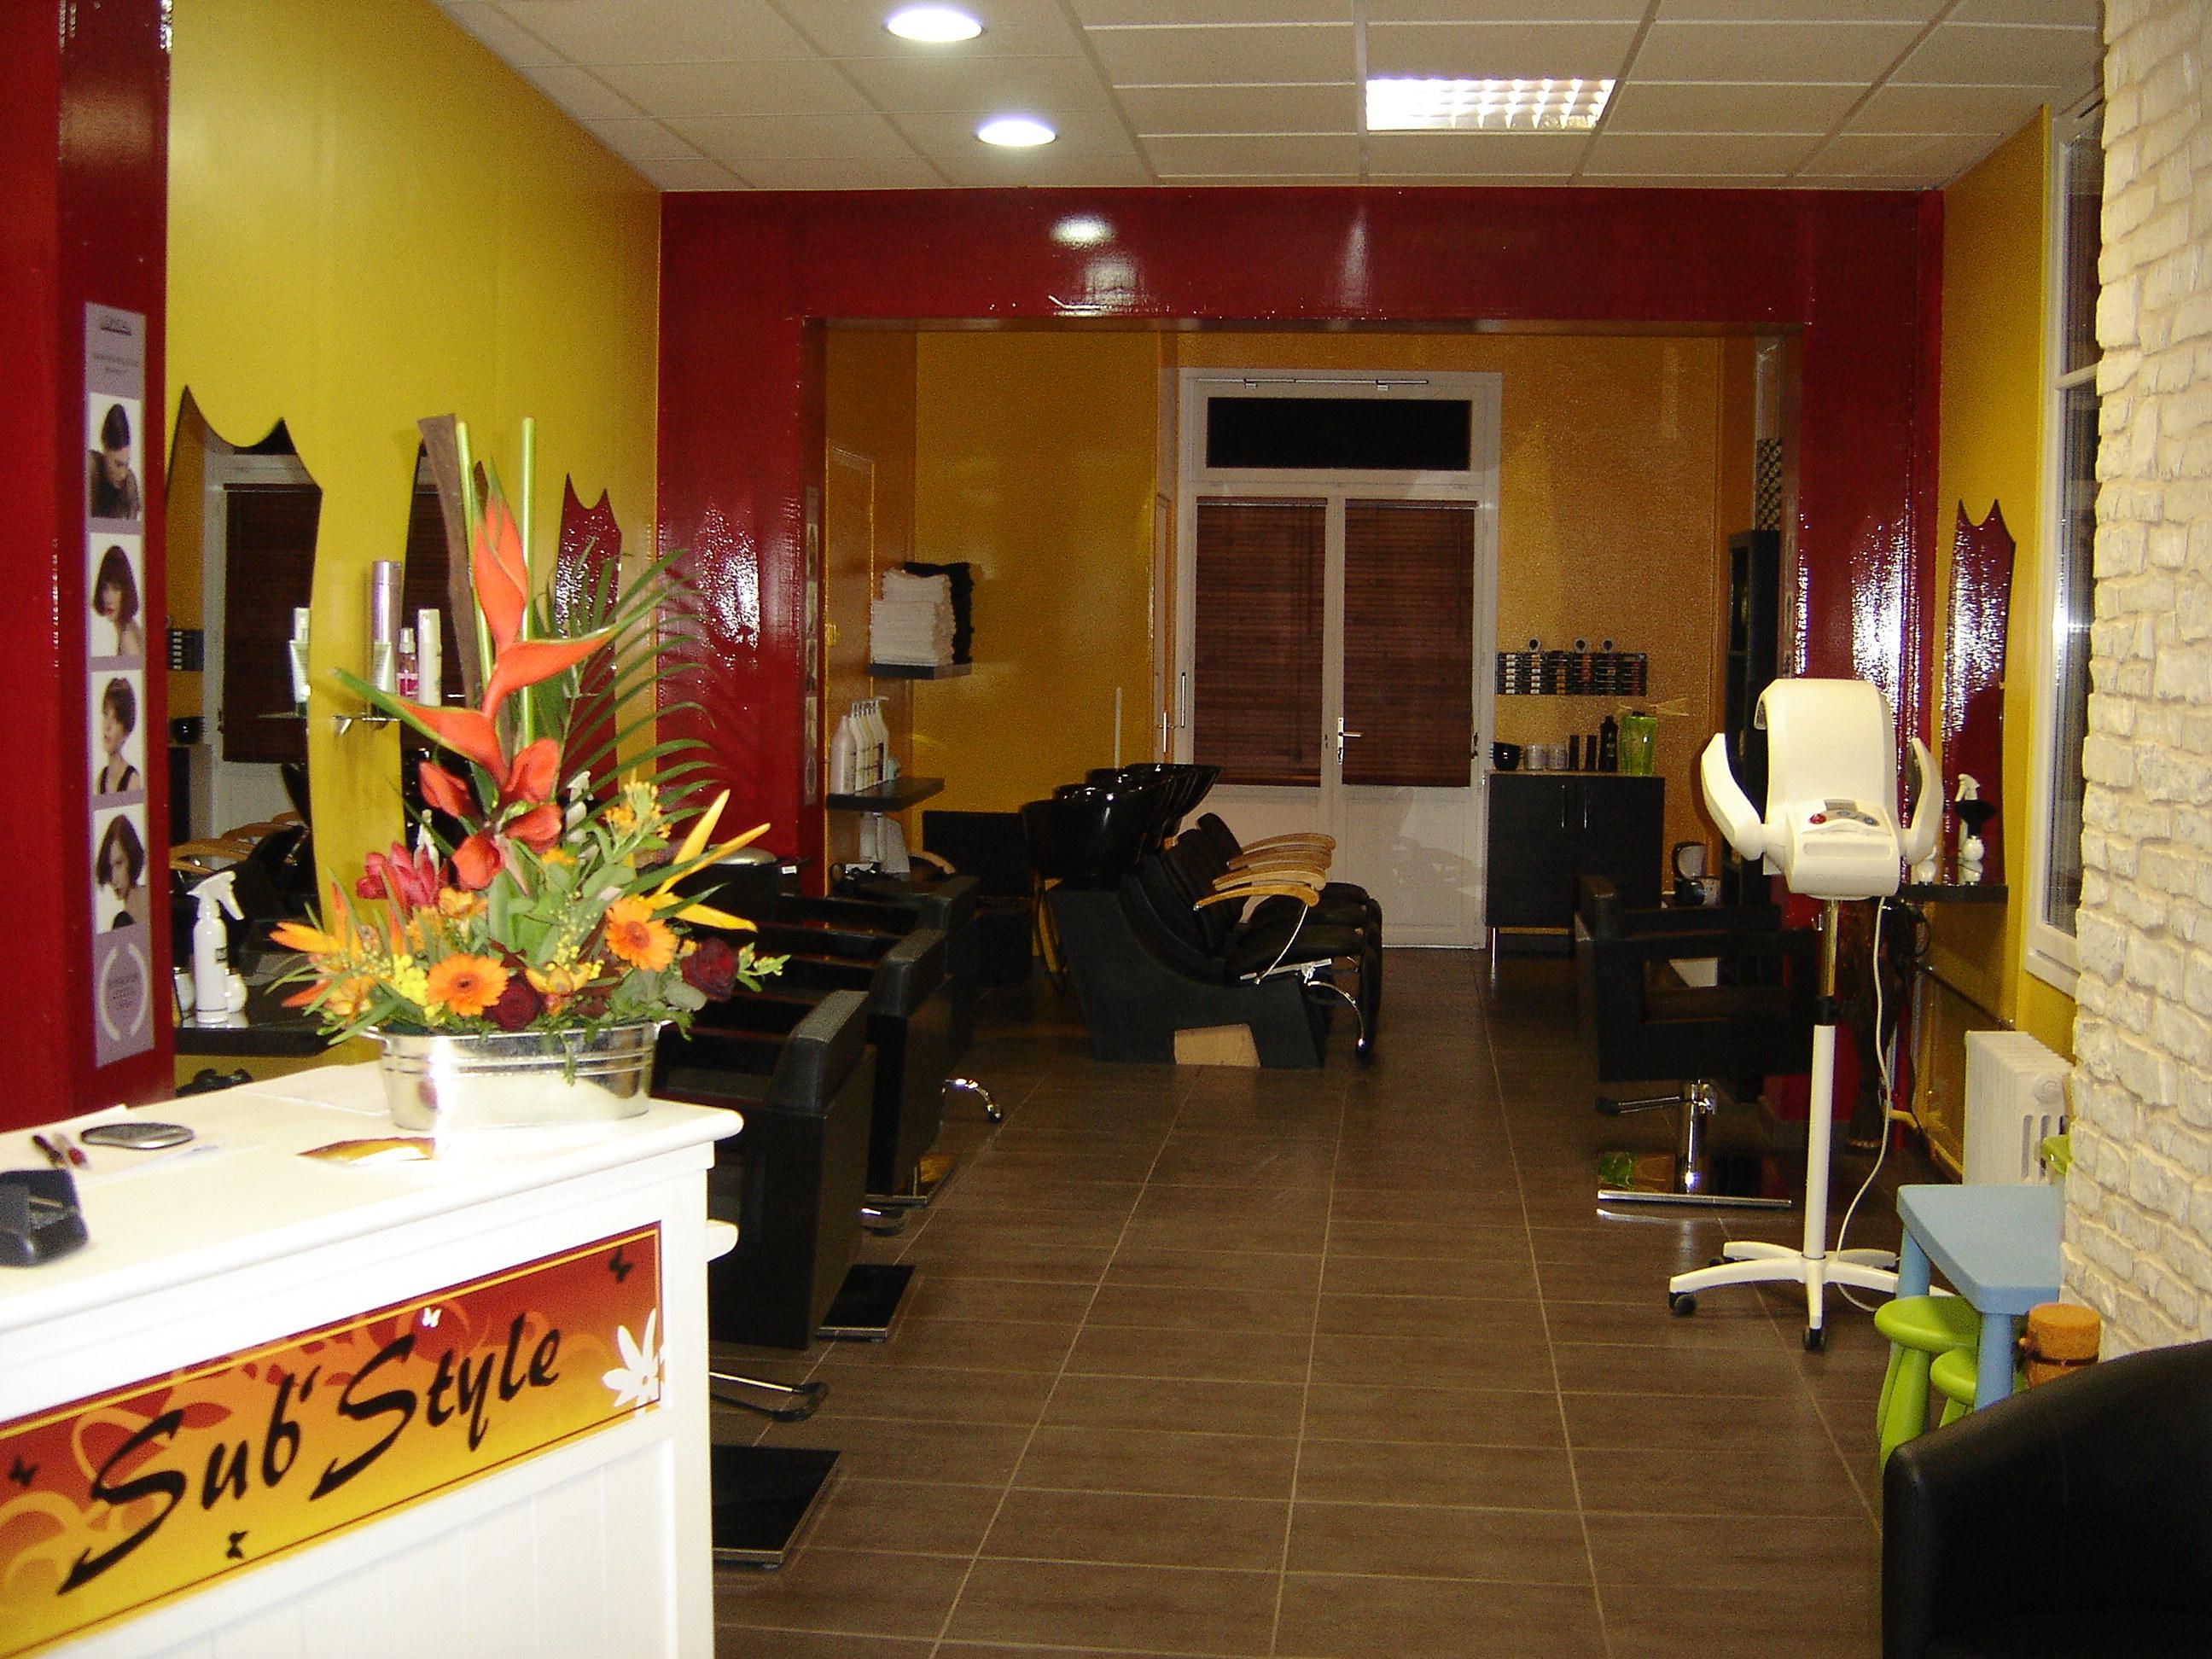 Sub style grandvilliers avis tarifs horaires t l phone for Salon de coiffure noisy le grand